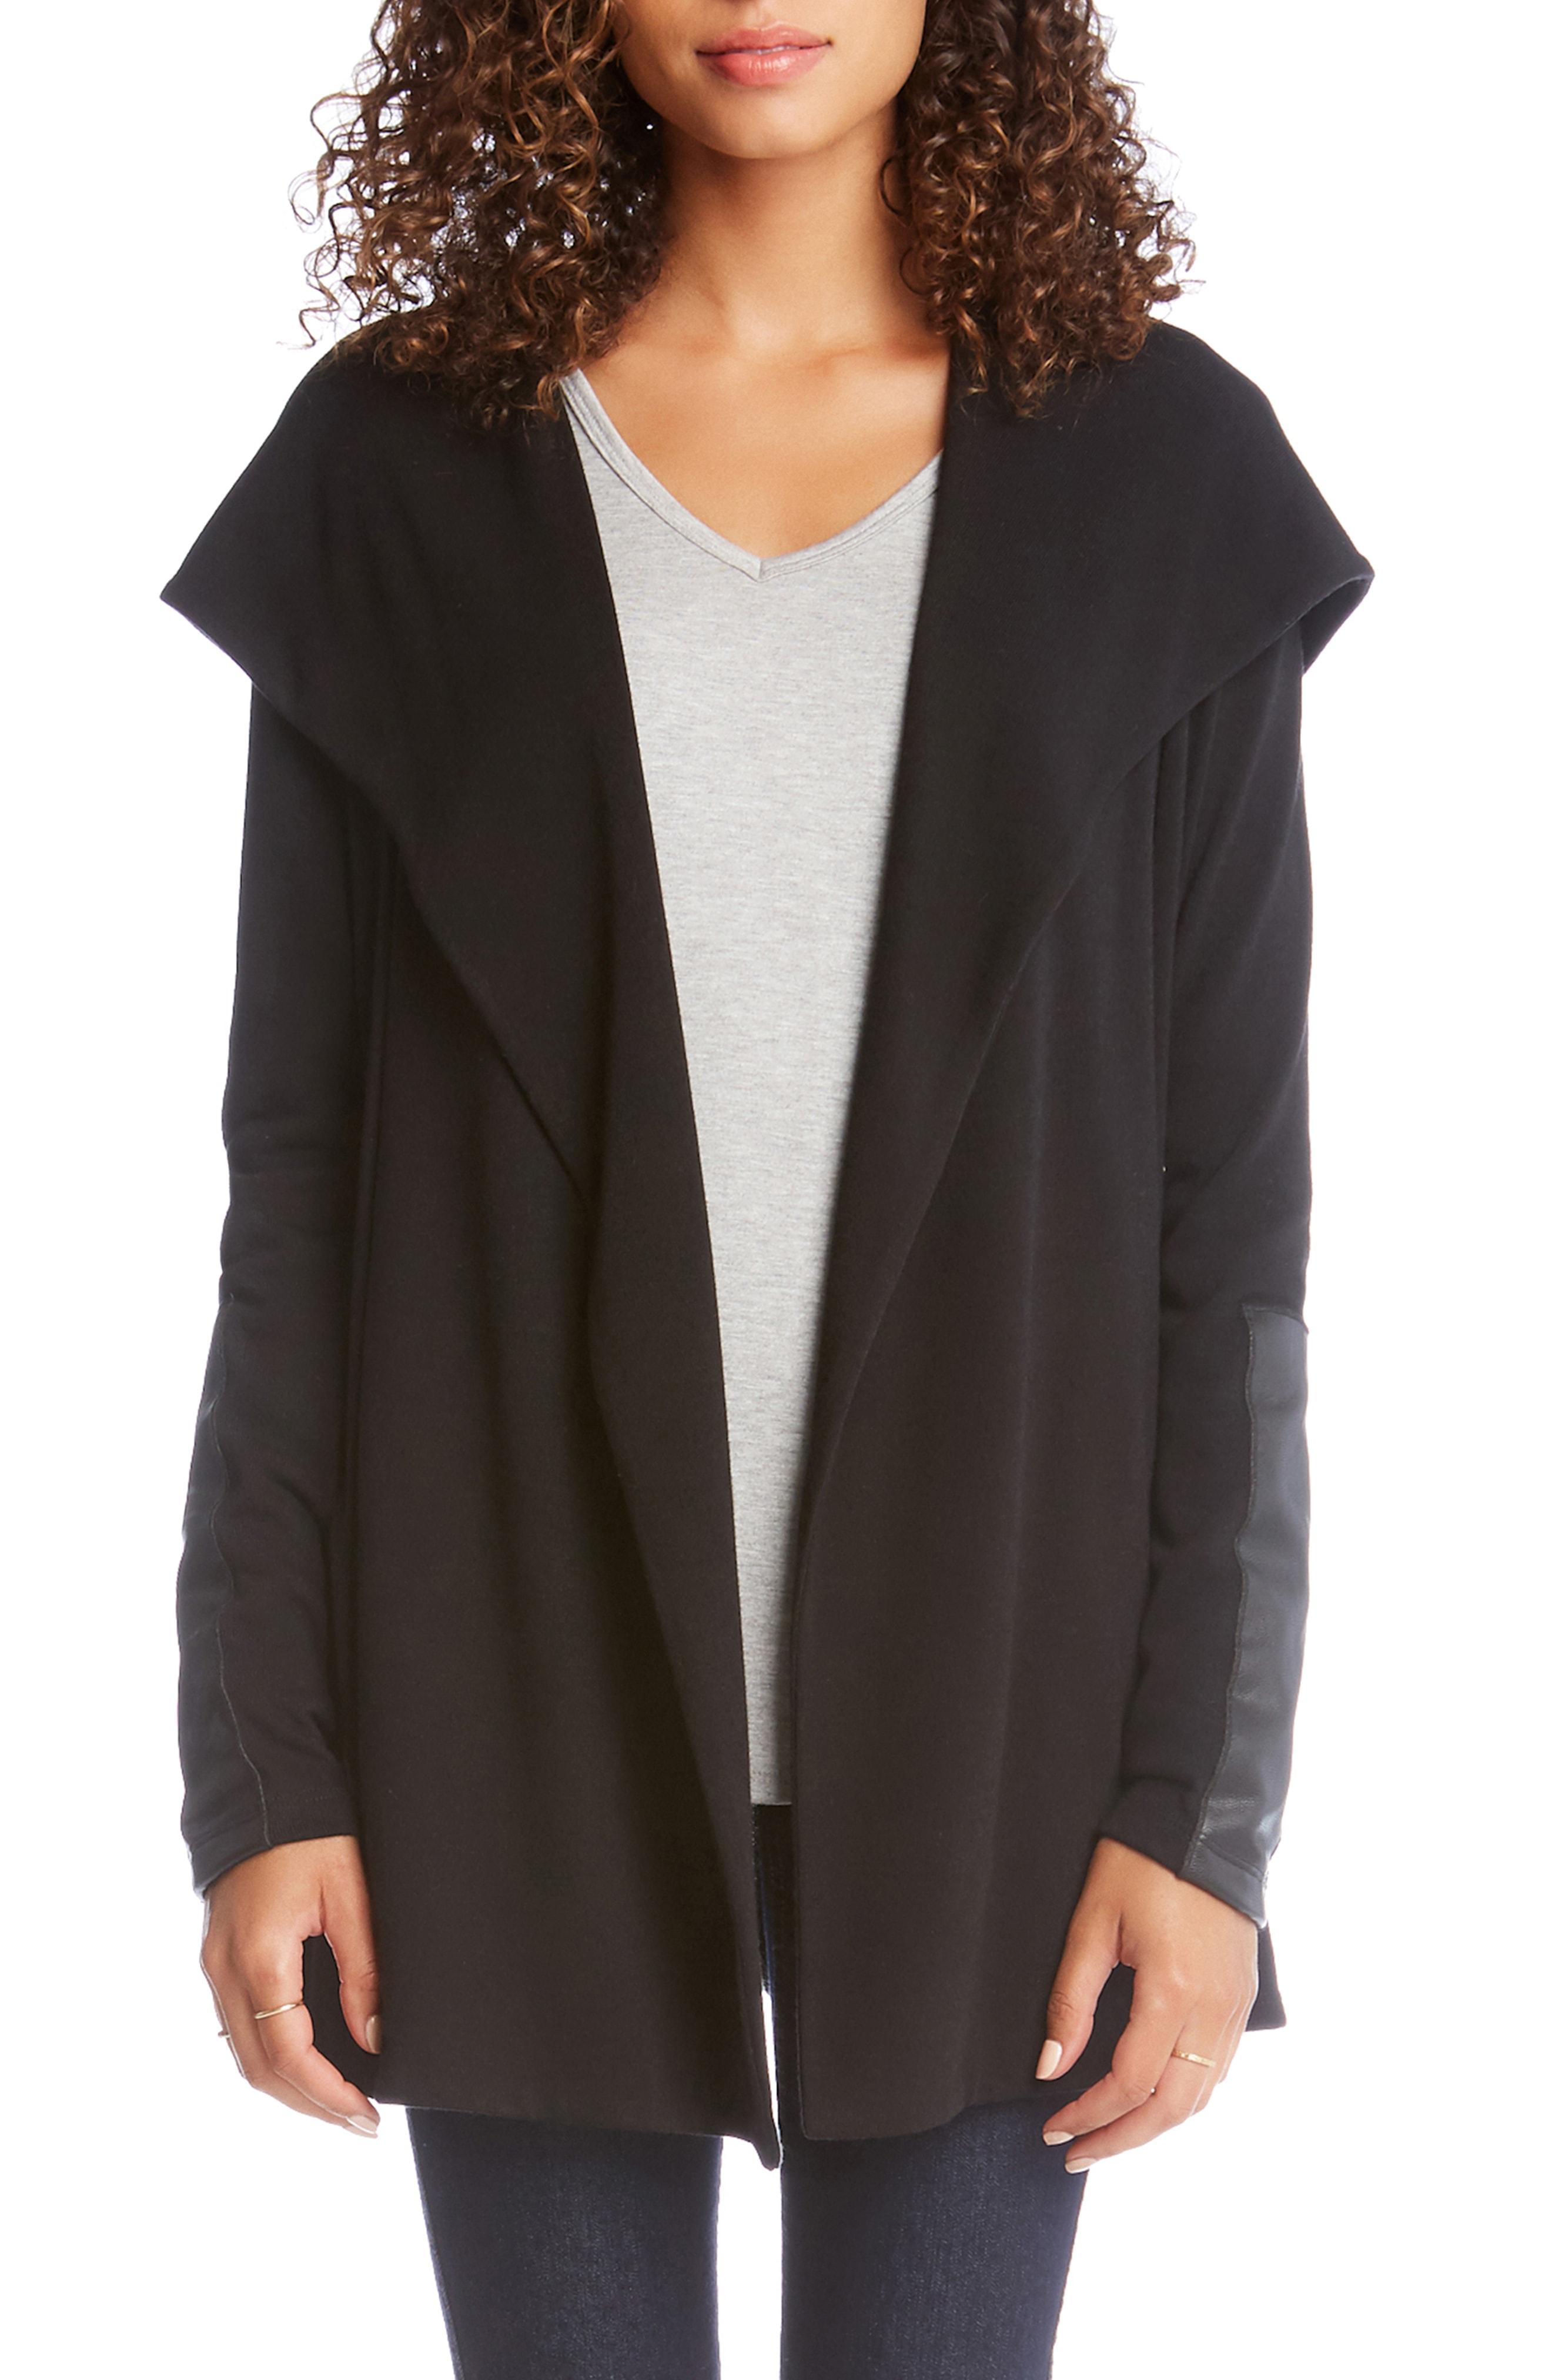 Karen Kane Faux Leather Detail Jacket